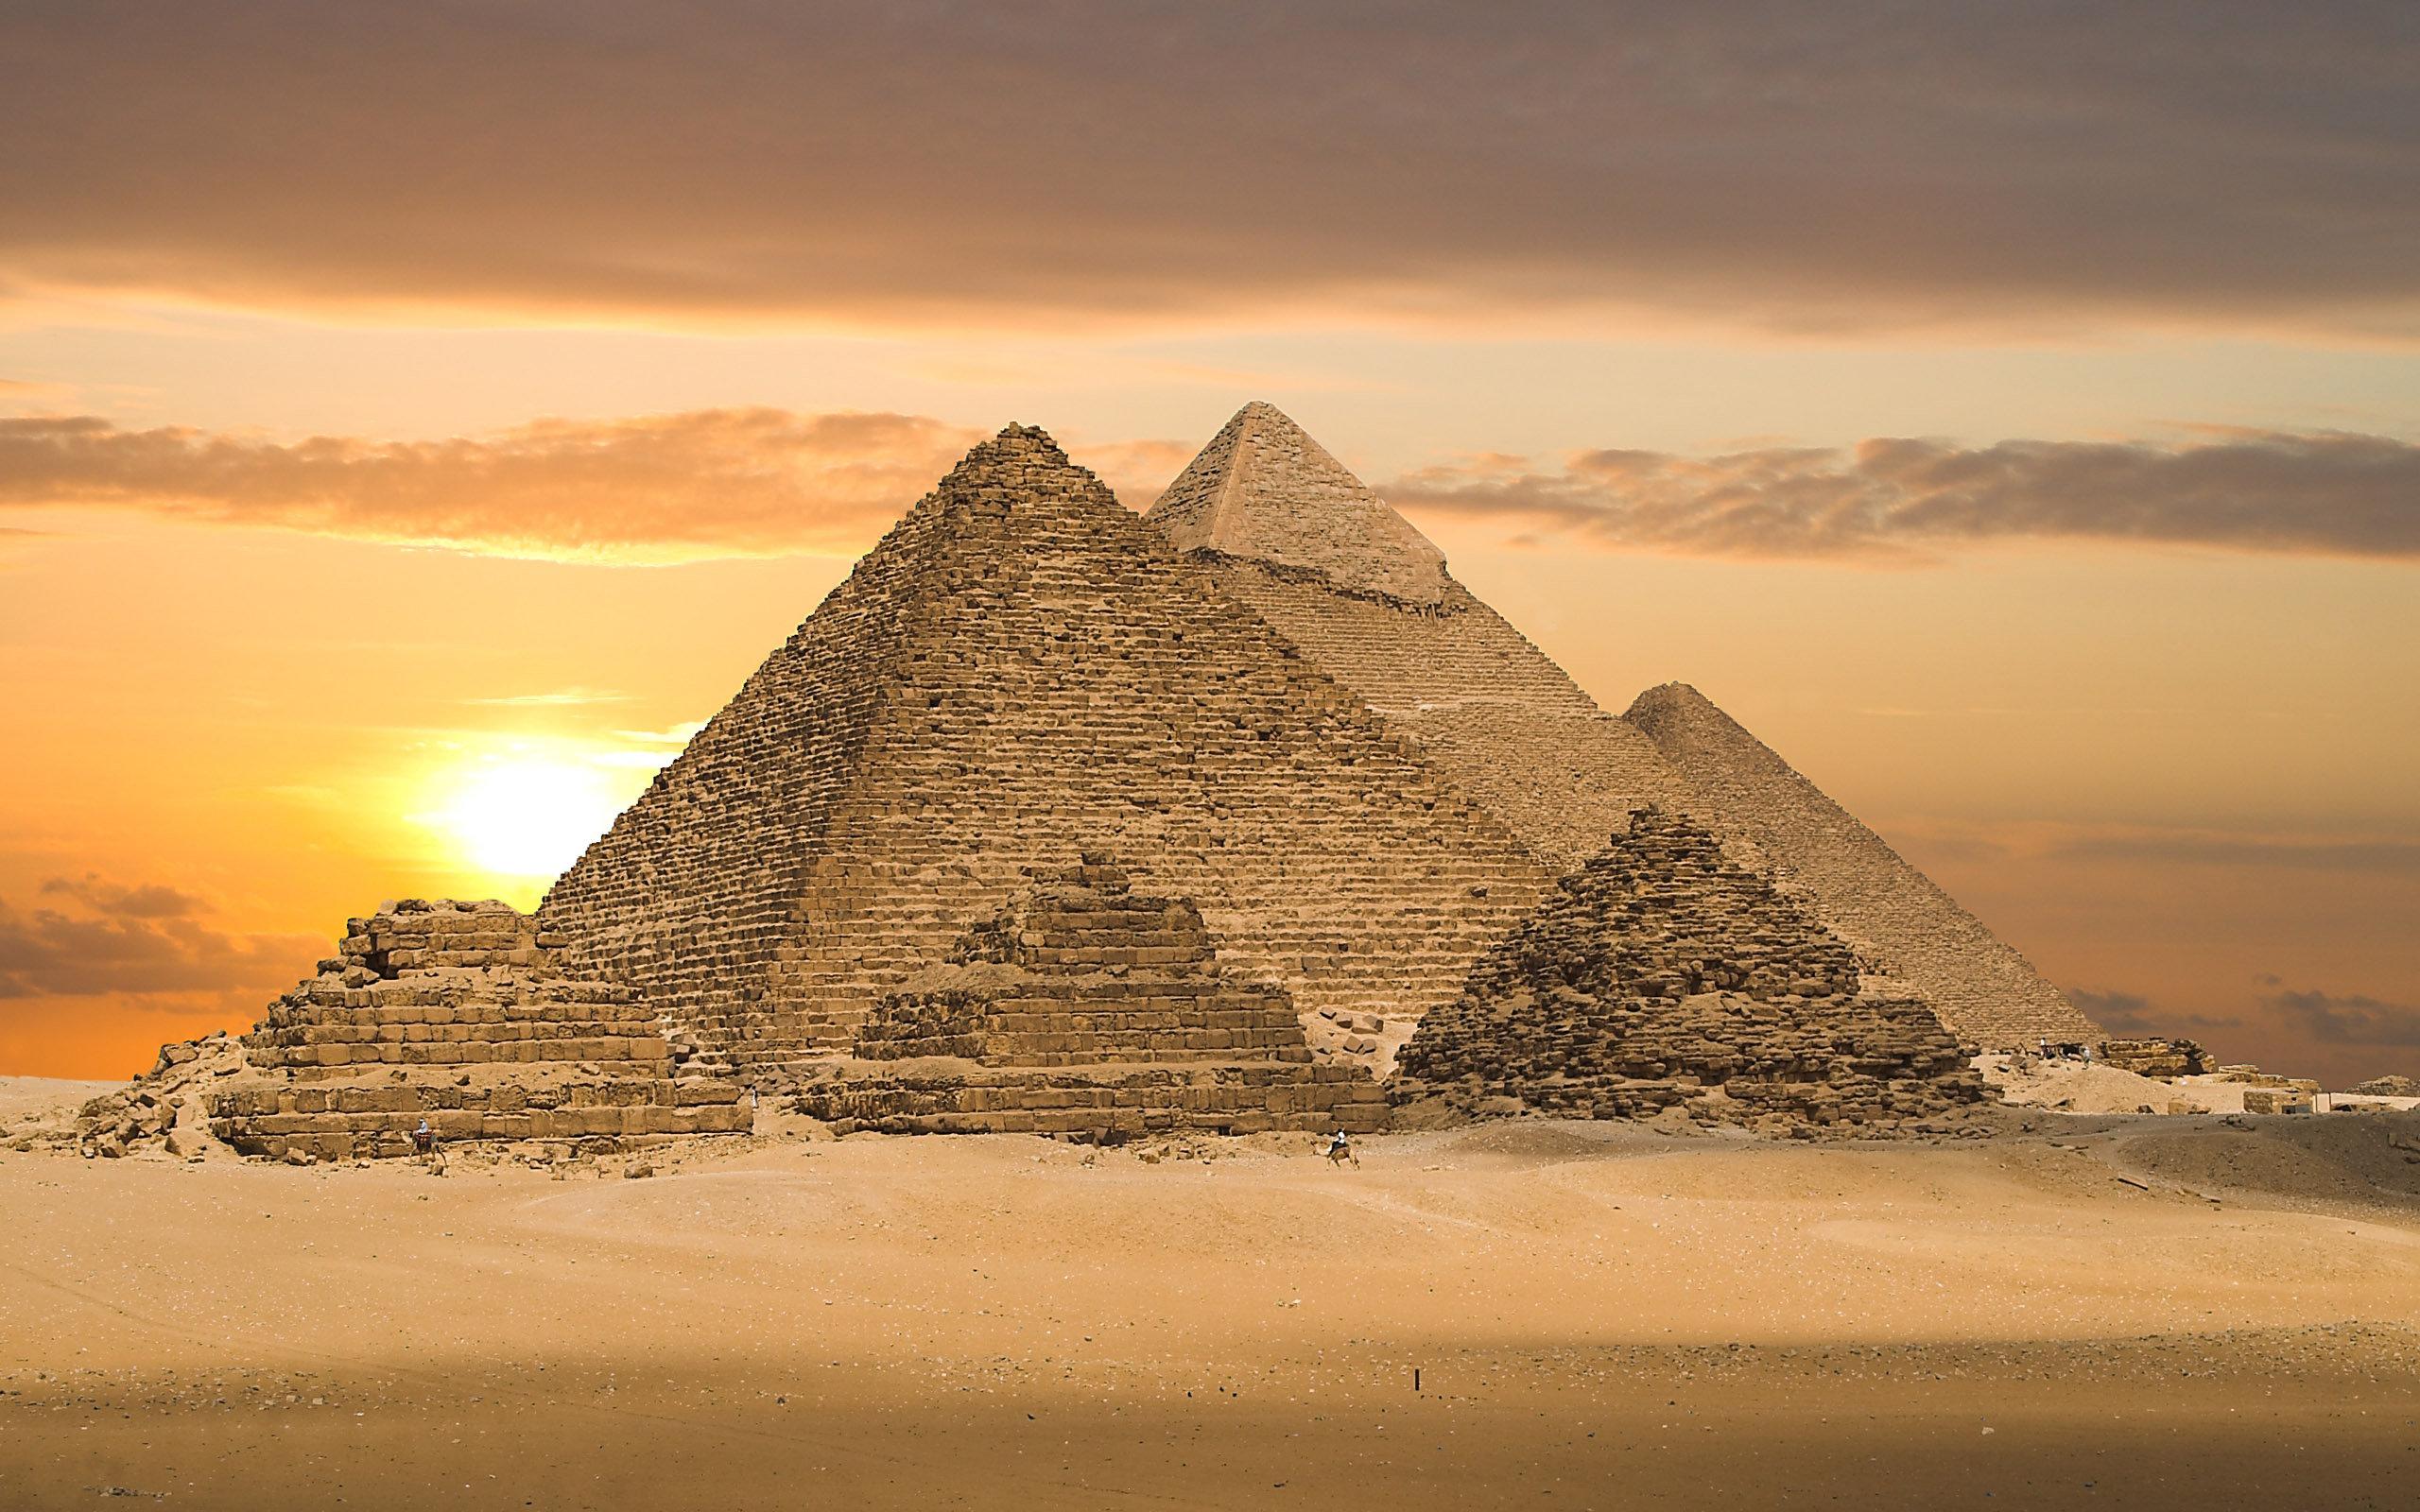 Las Pirámides de Egipto - 2560x1600